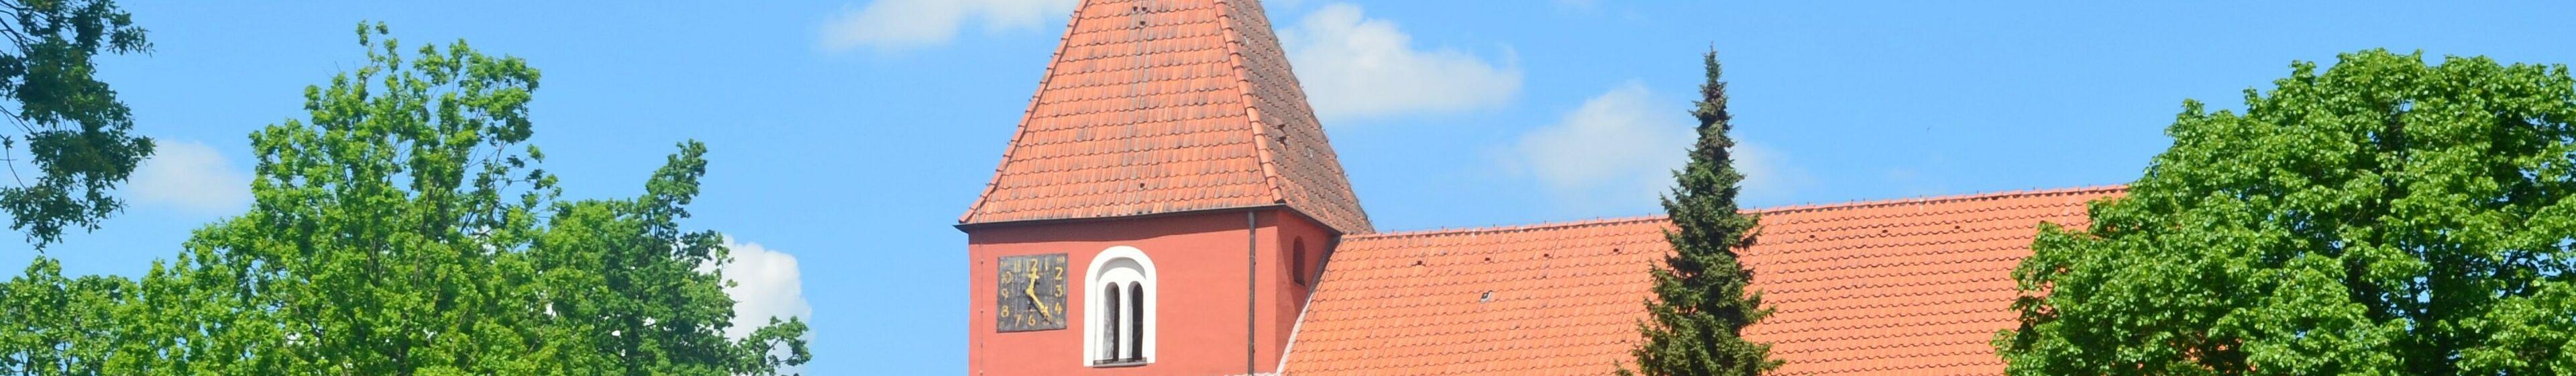 Header_St_Petri_Kirche